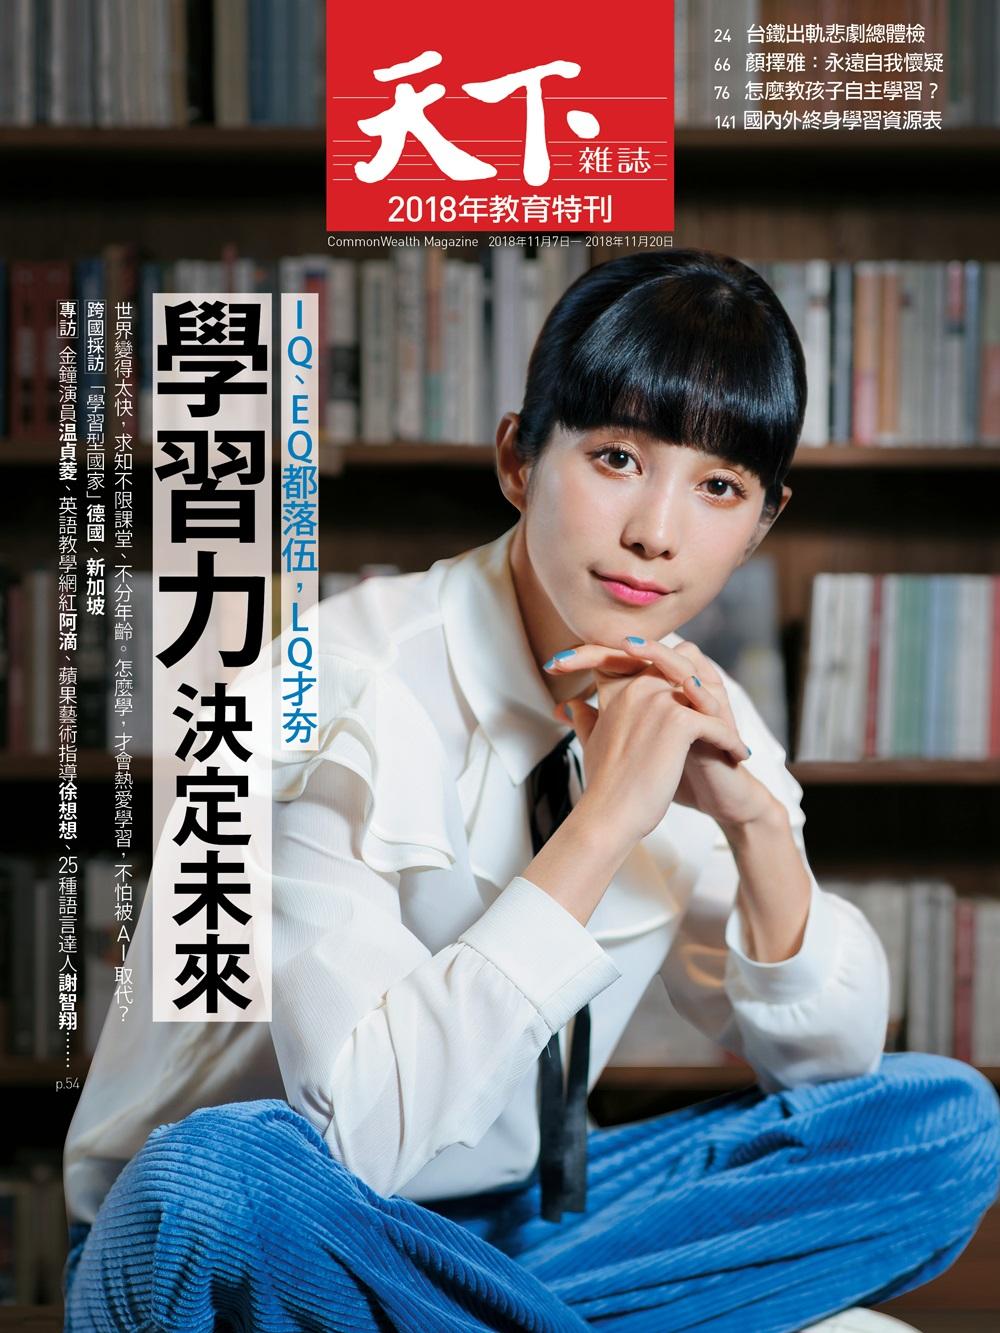 天下雜誌 :學習力 決定未來